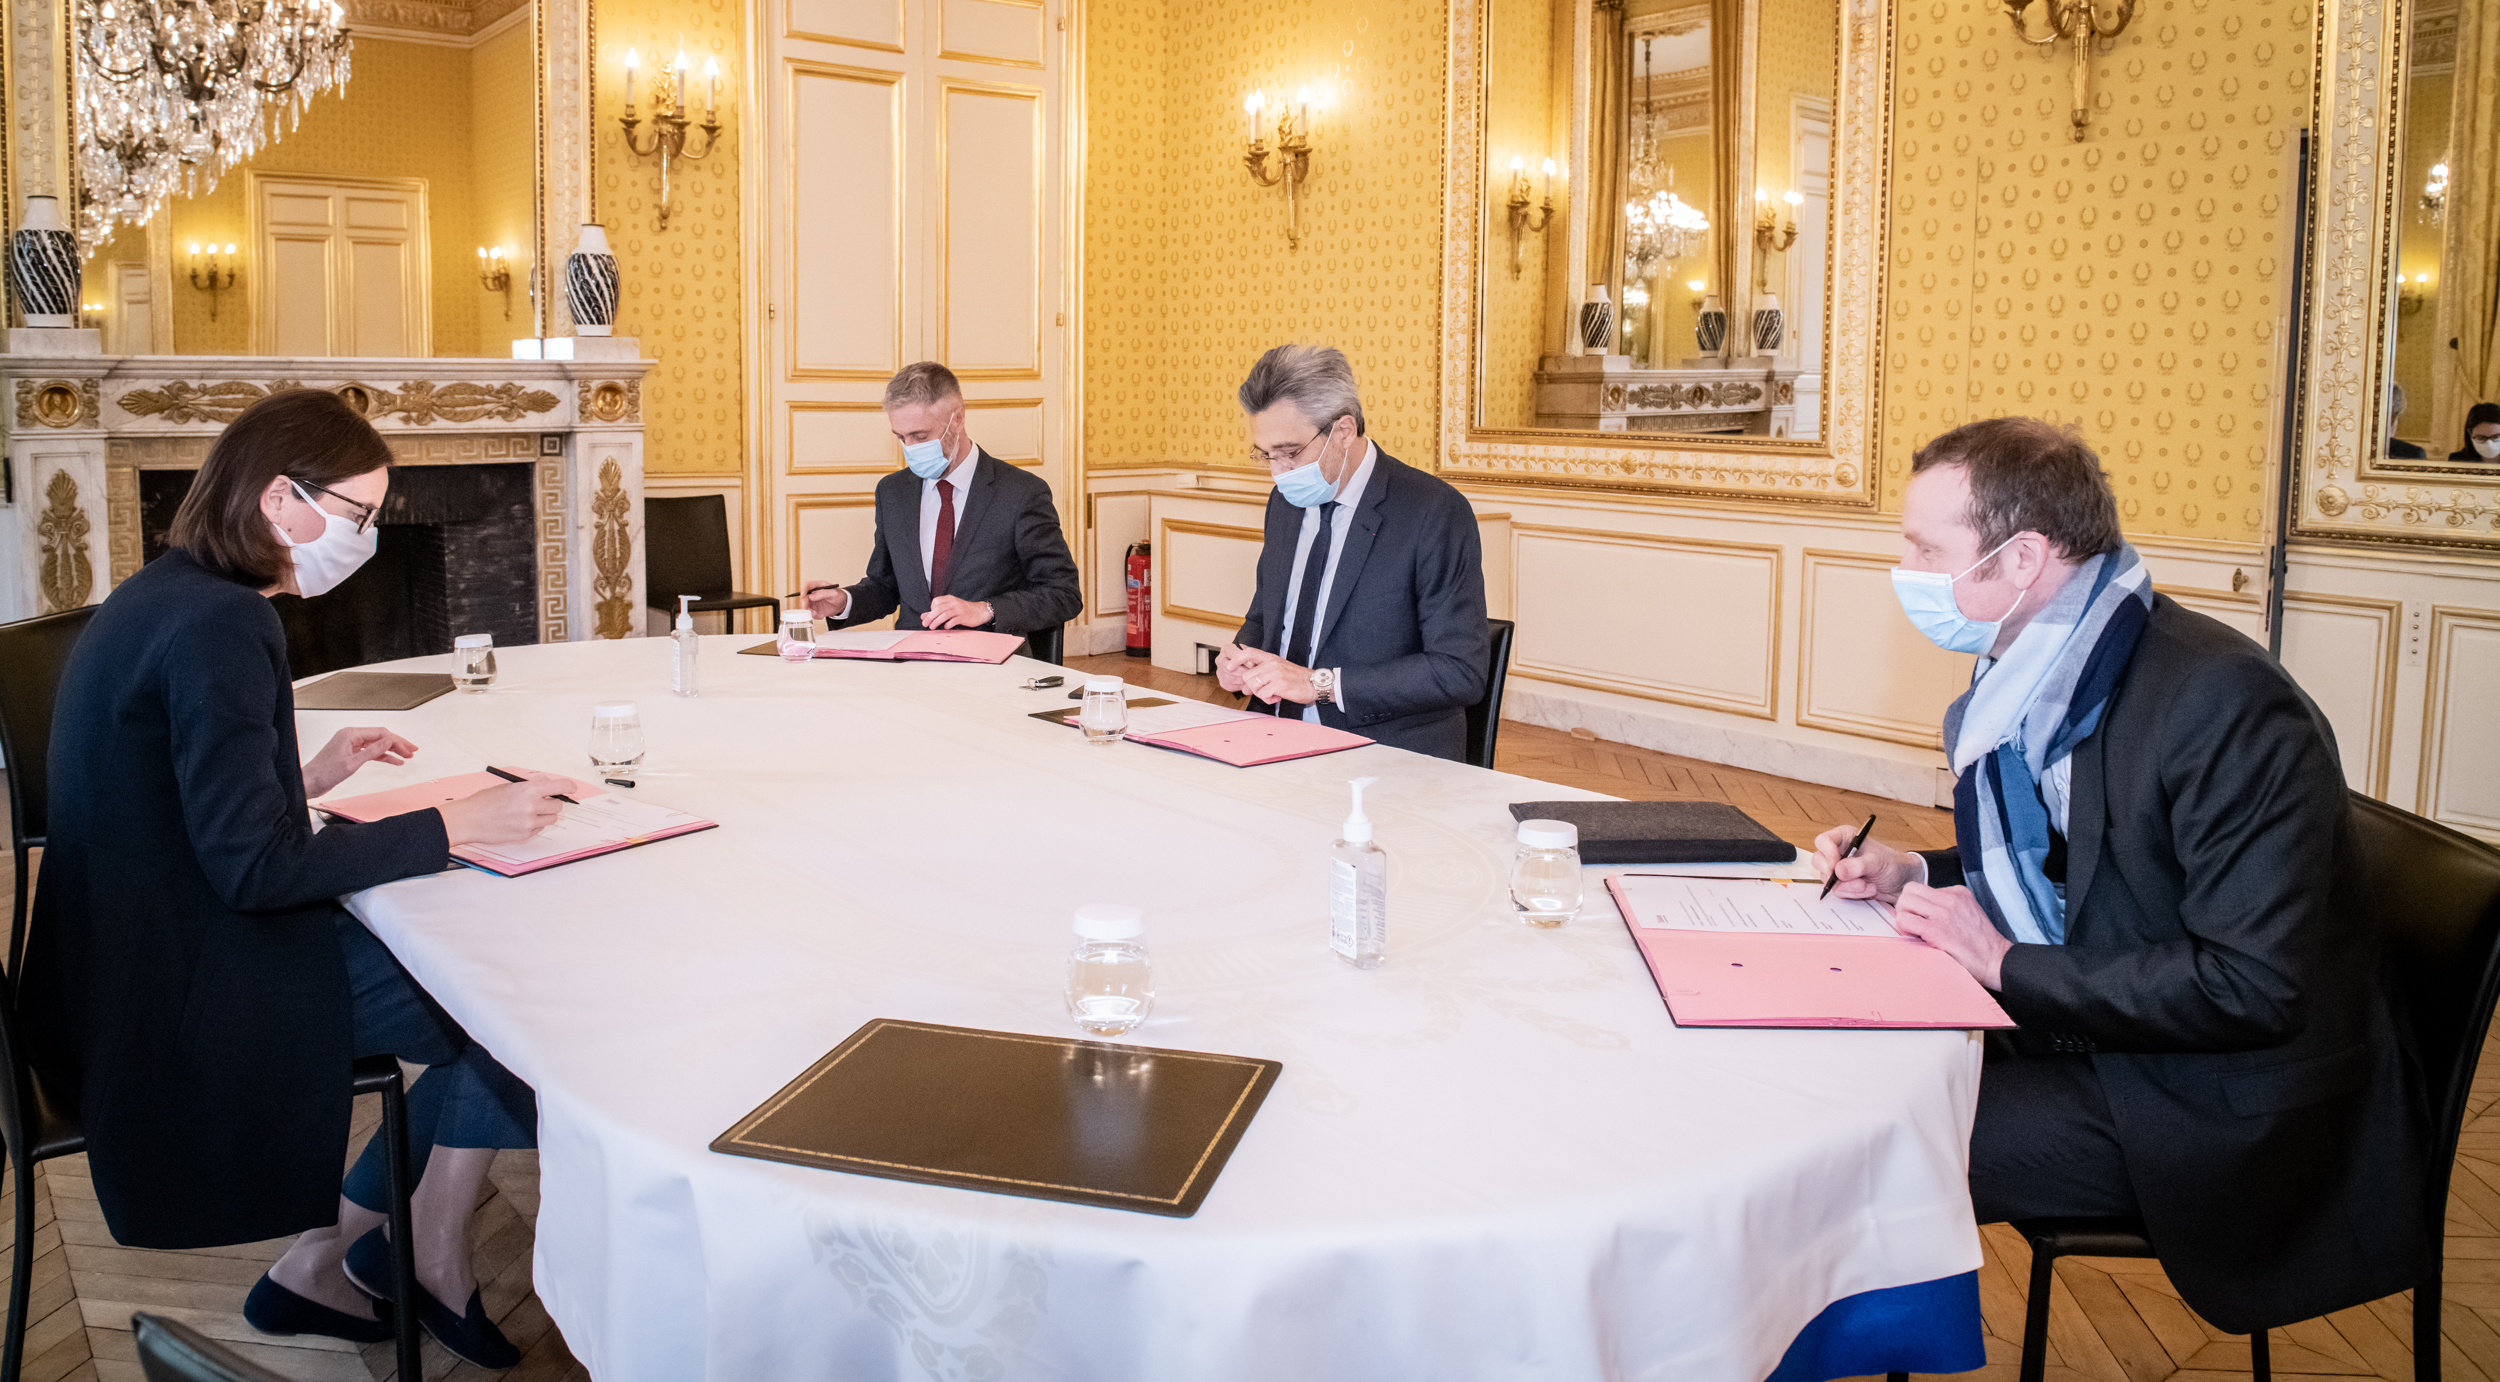 Communiqué ADH – Signature d'une convention de partenariat avec le ministère de la Transformation et de la Fonction Publiques, l'Association des Anciens Élèves de l'École Nationale d'Administration et l'Association des Administrateurs Territoriaux de France